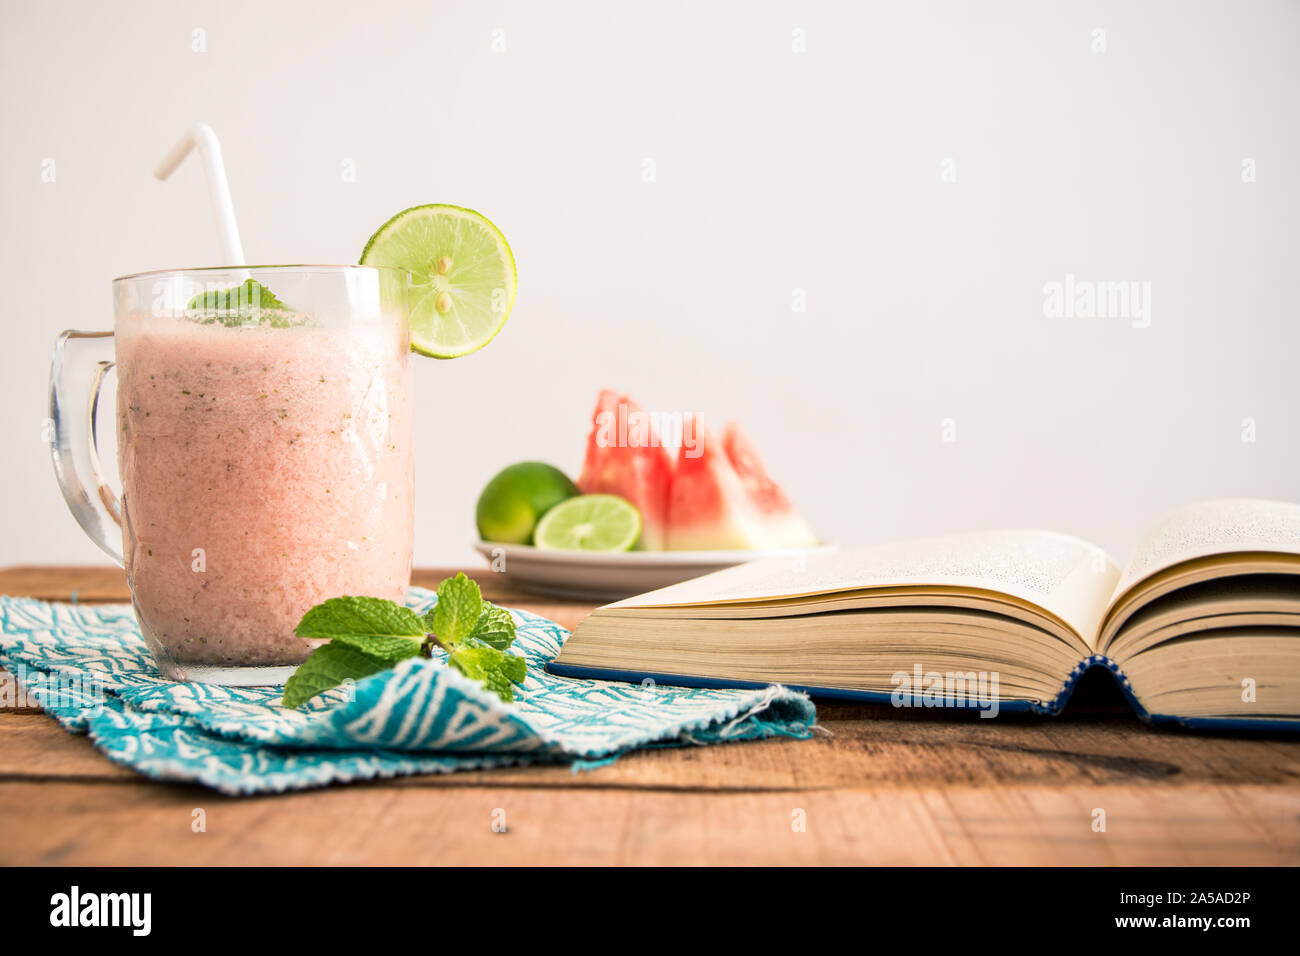 Una plana cuadrada (laicos ración) Foto con mesa de desayuno batido de sandía, libro de teléfono y rodajas de frutas en la placa -alimentos y dietas concepto imagen. Foto de stock